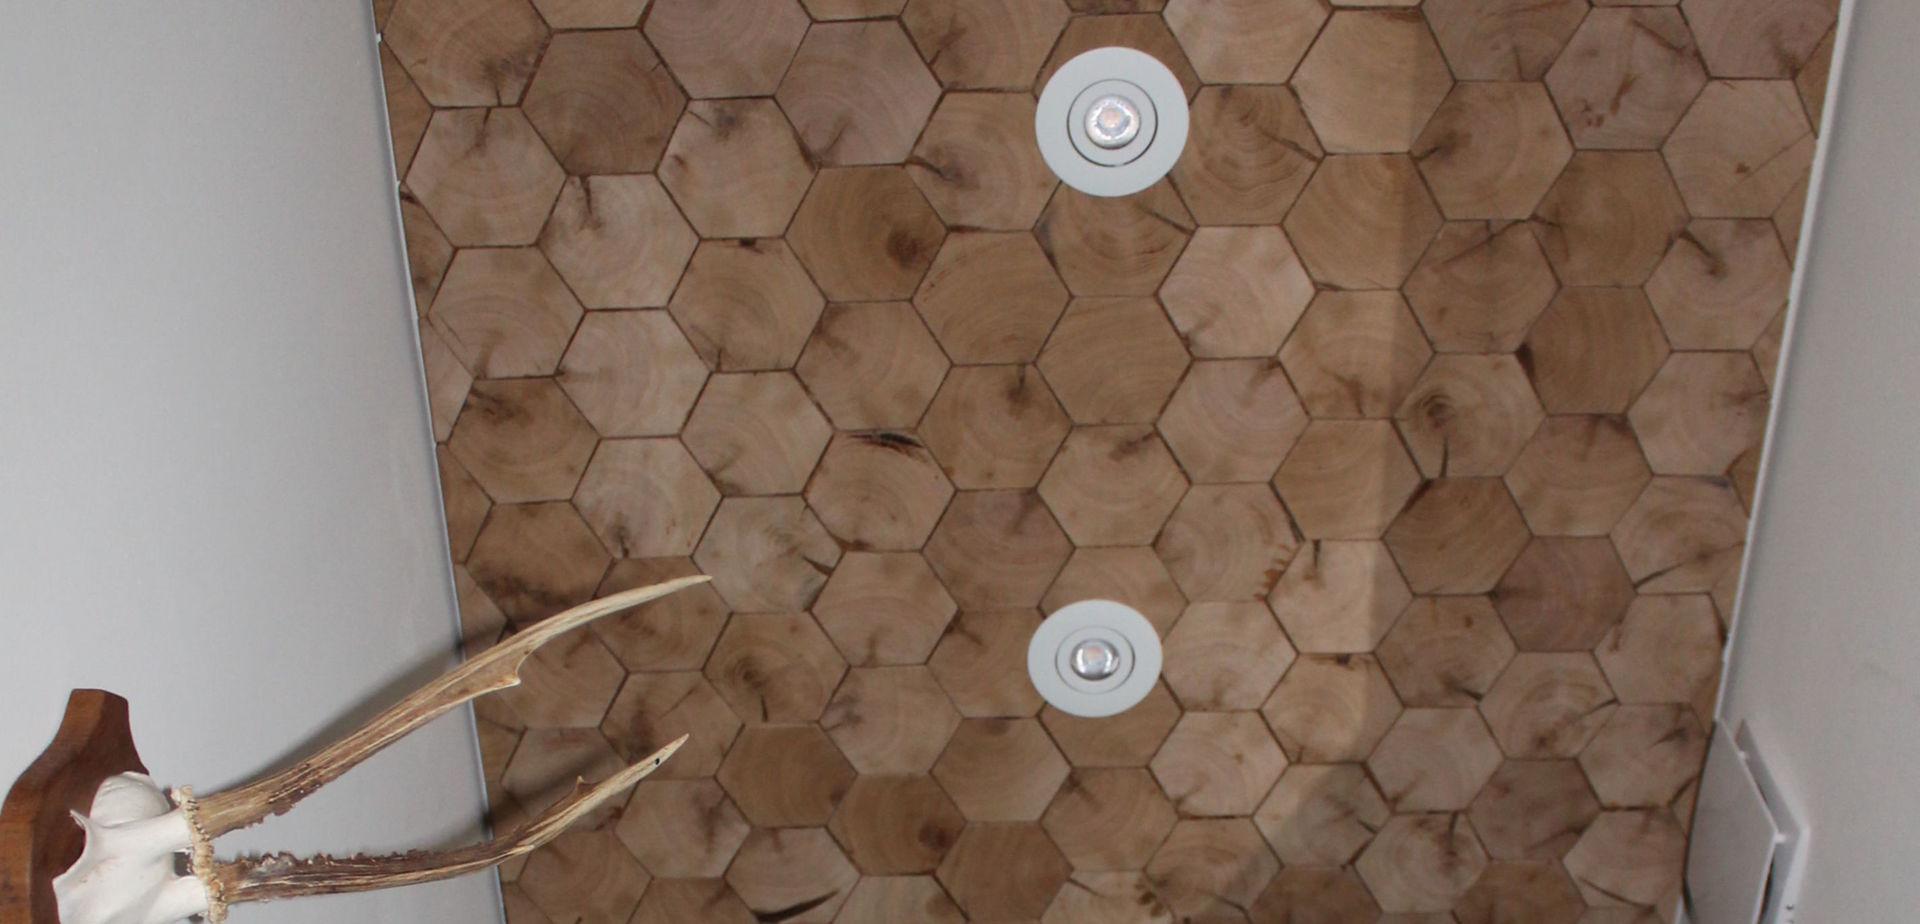 Installeren Led inbouwspots in verlaagd plafond | voordemakers.nl